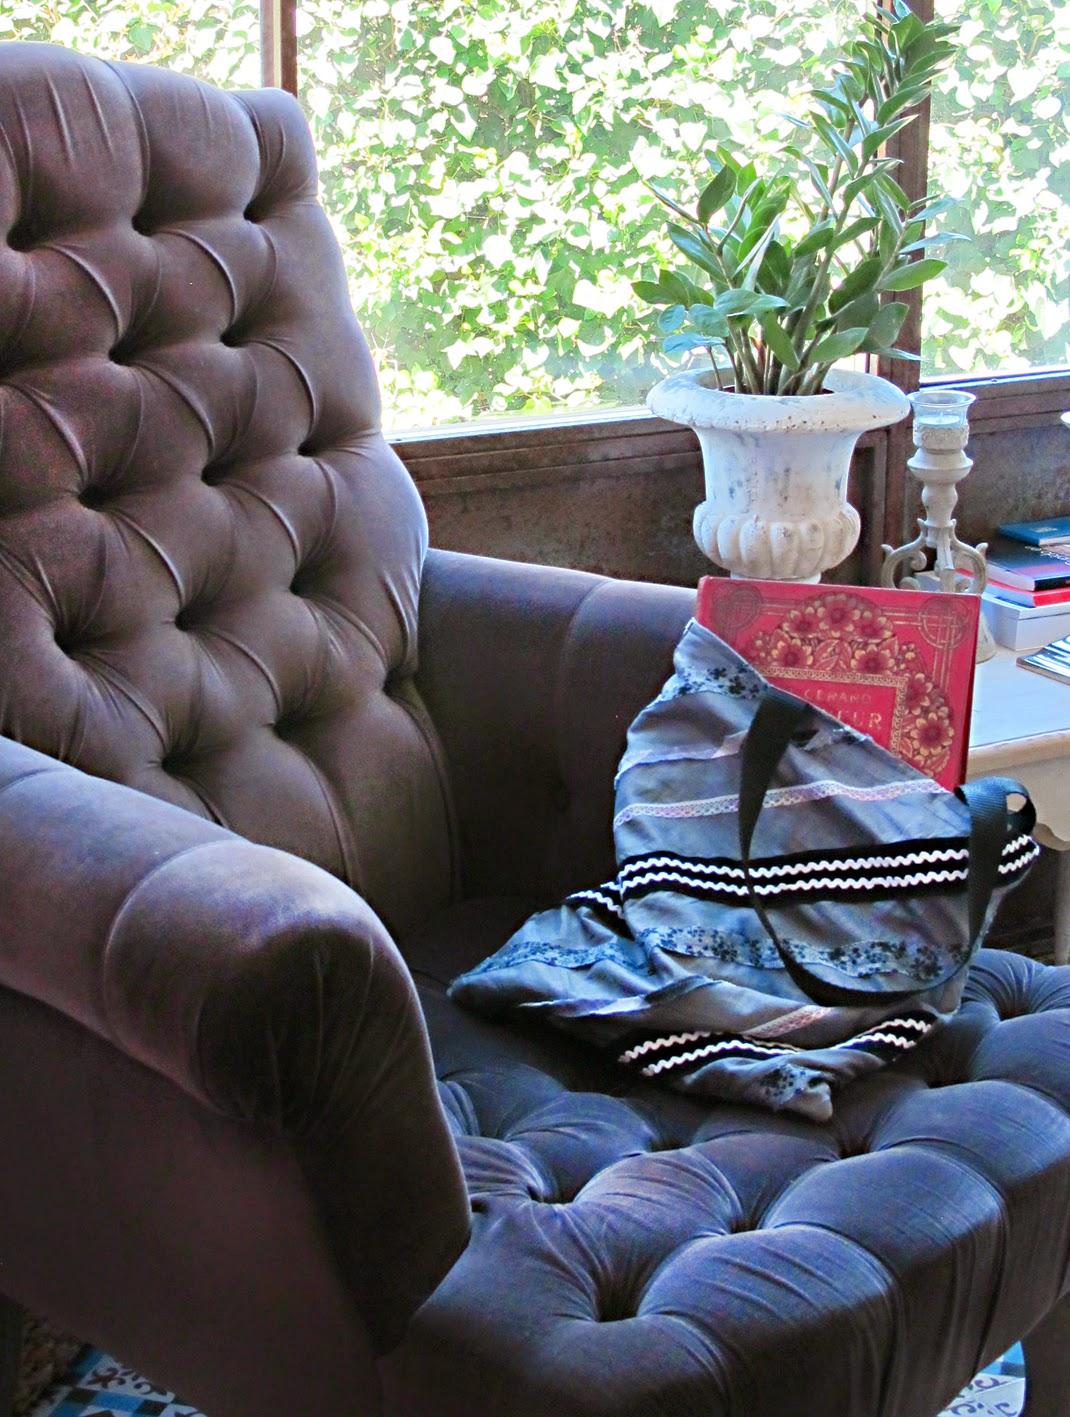 tote bag, bolsos artesanales, moda sostenible